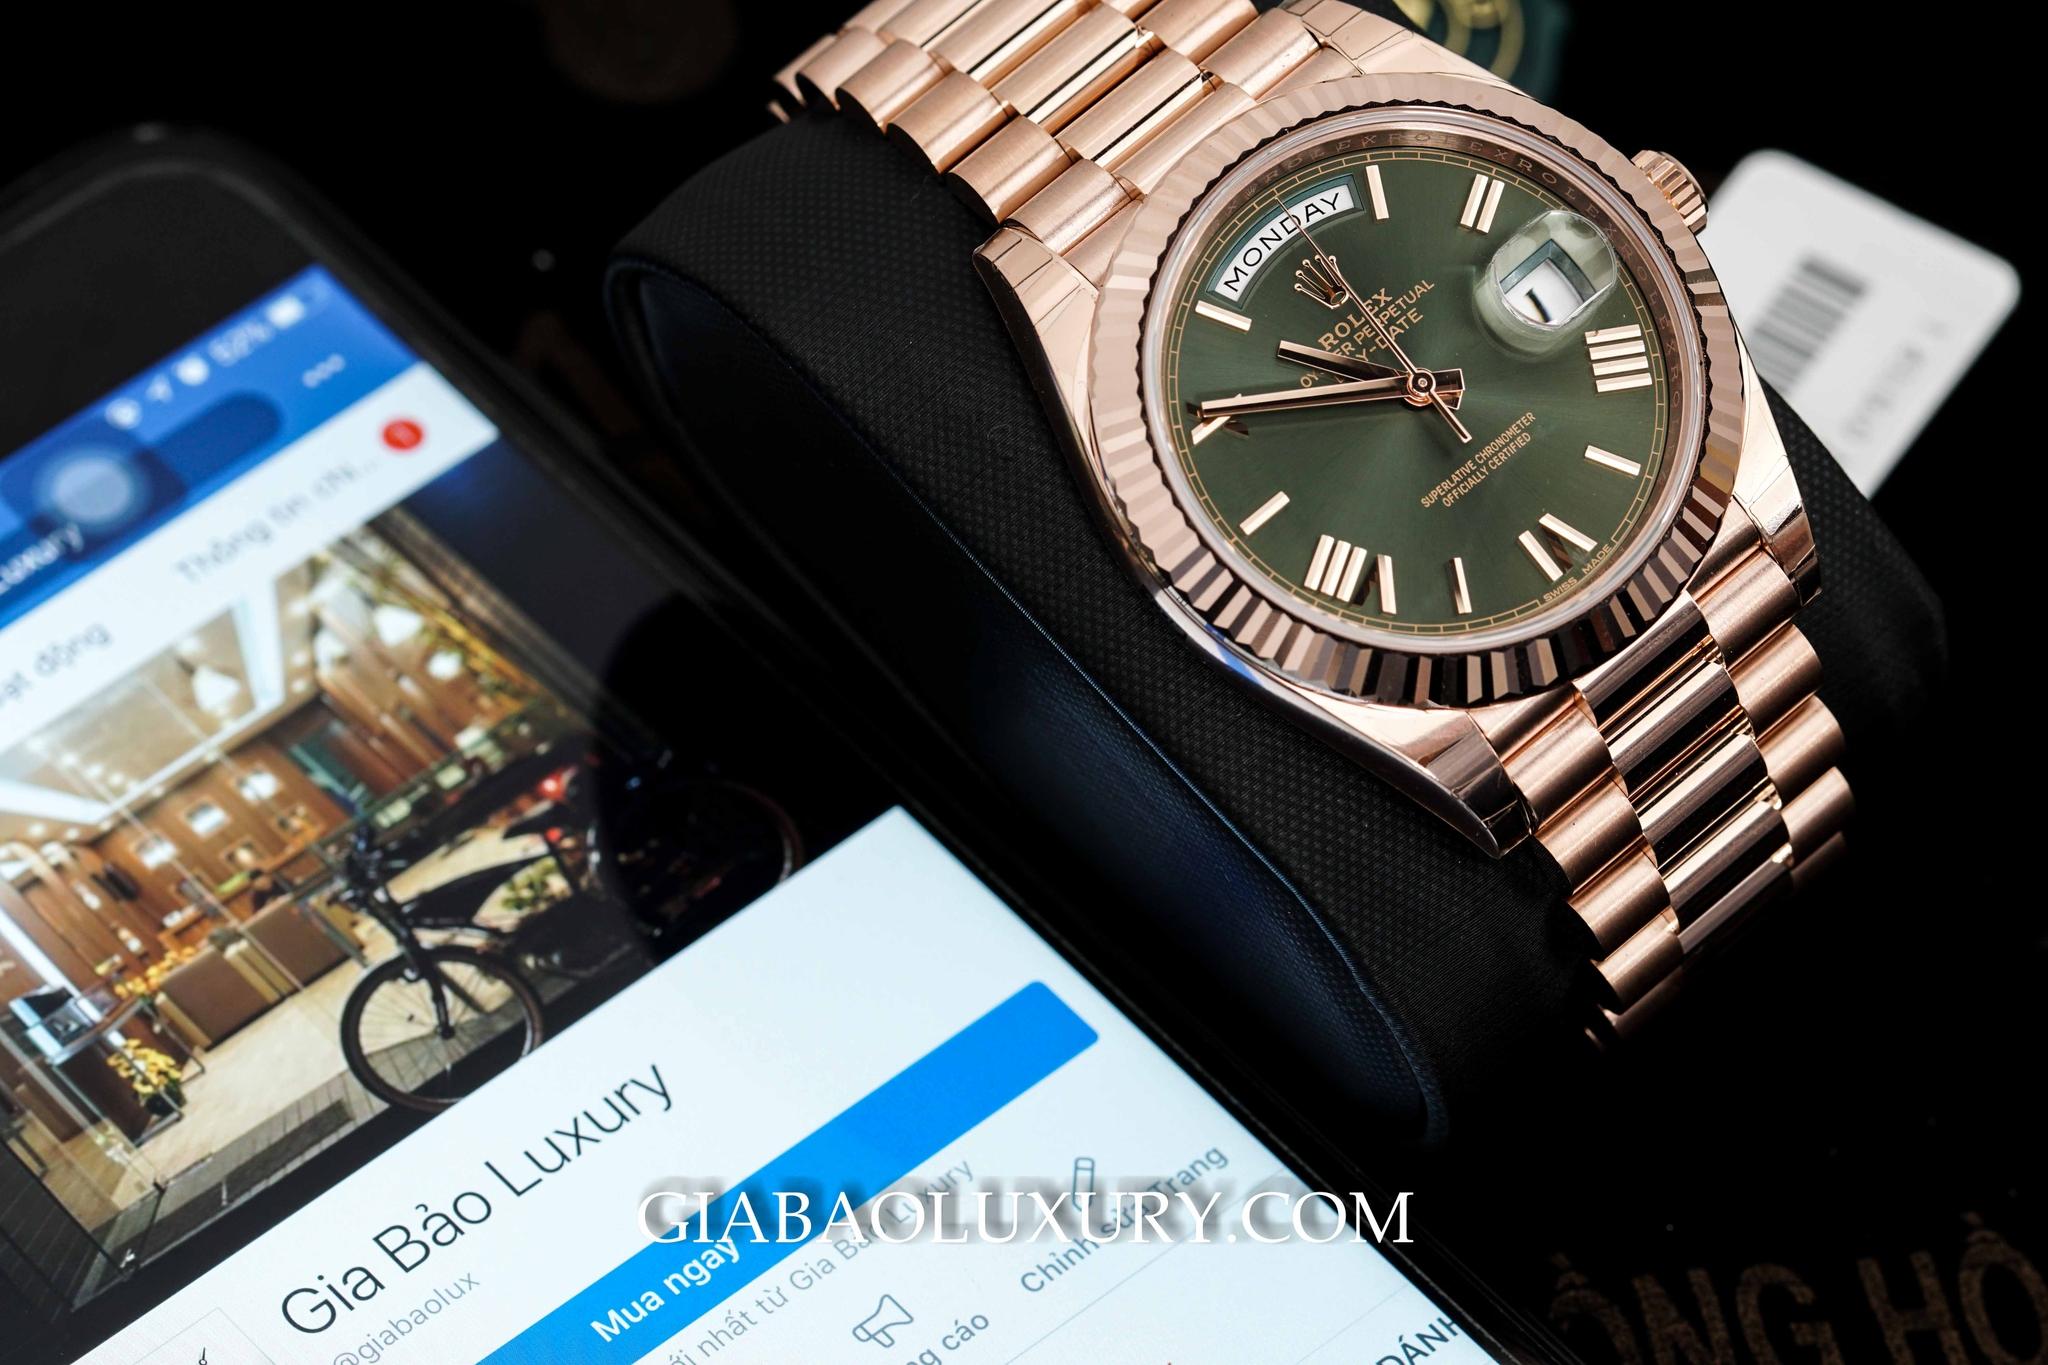 Rolex Datejust và Day-Date: Dòng đồng hồ cổ điển cho cuộc sống thường ngày